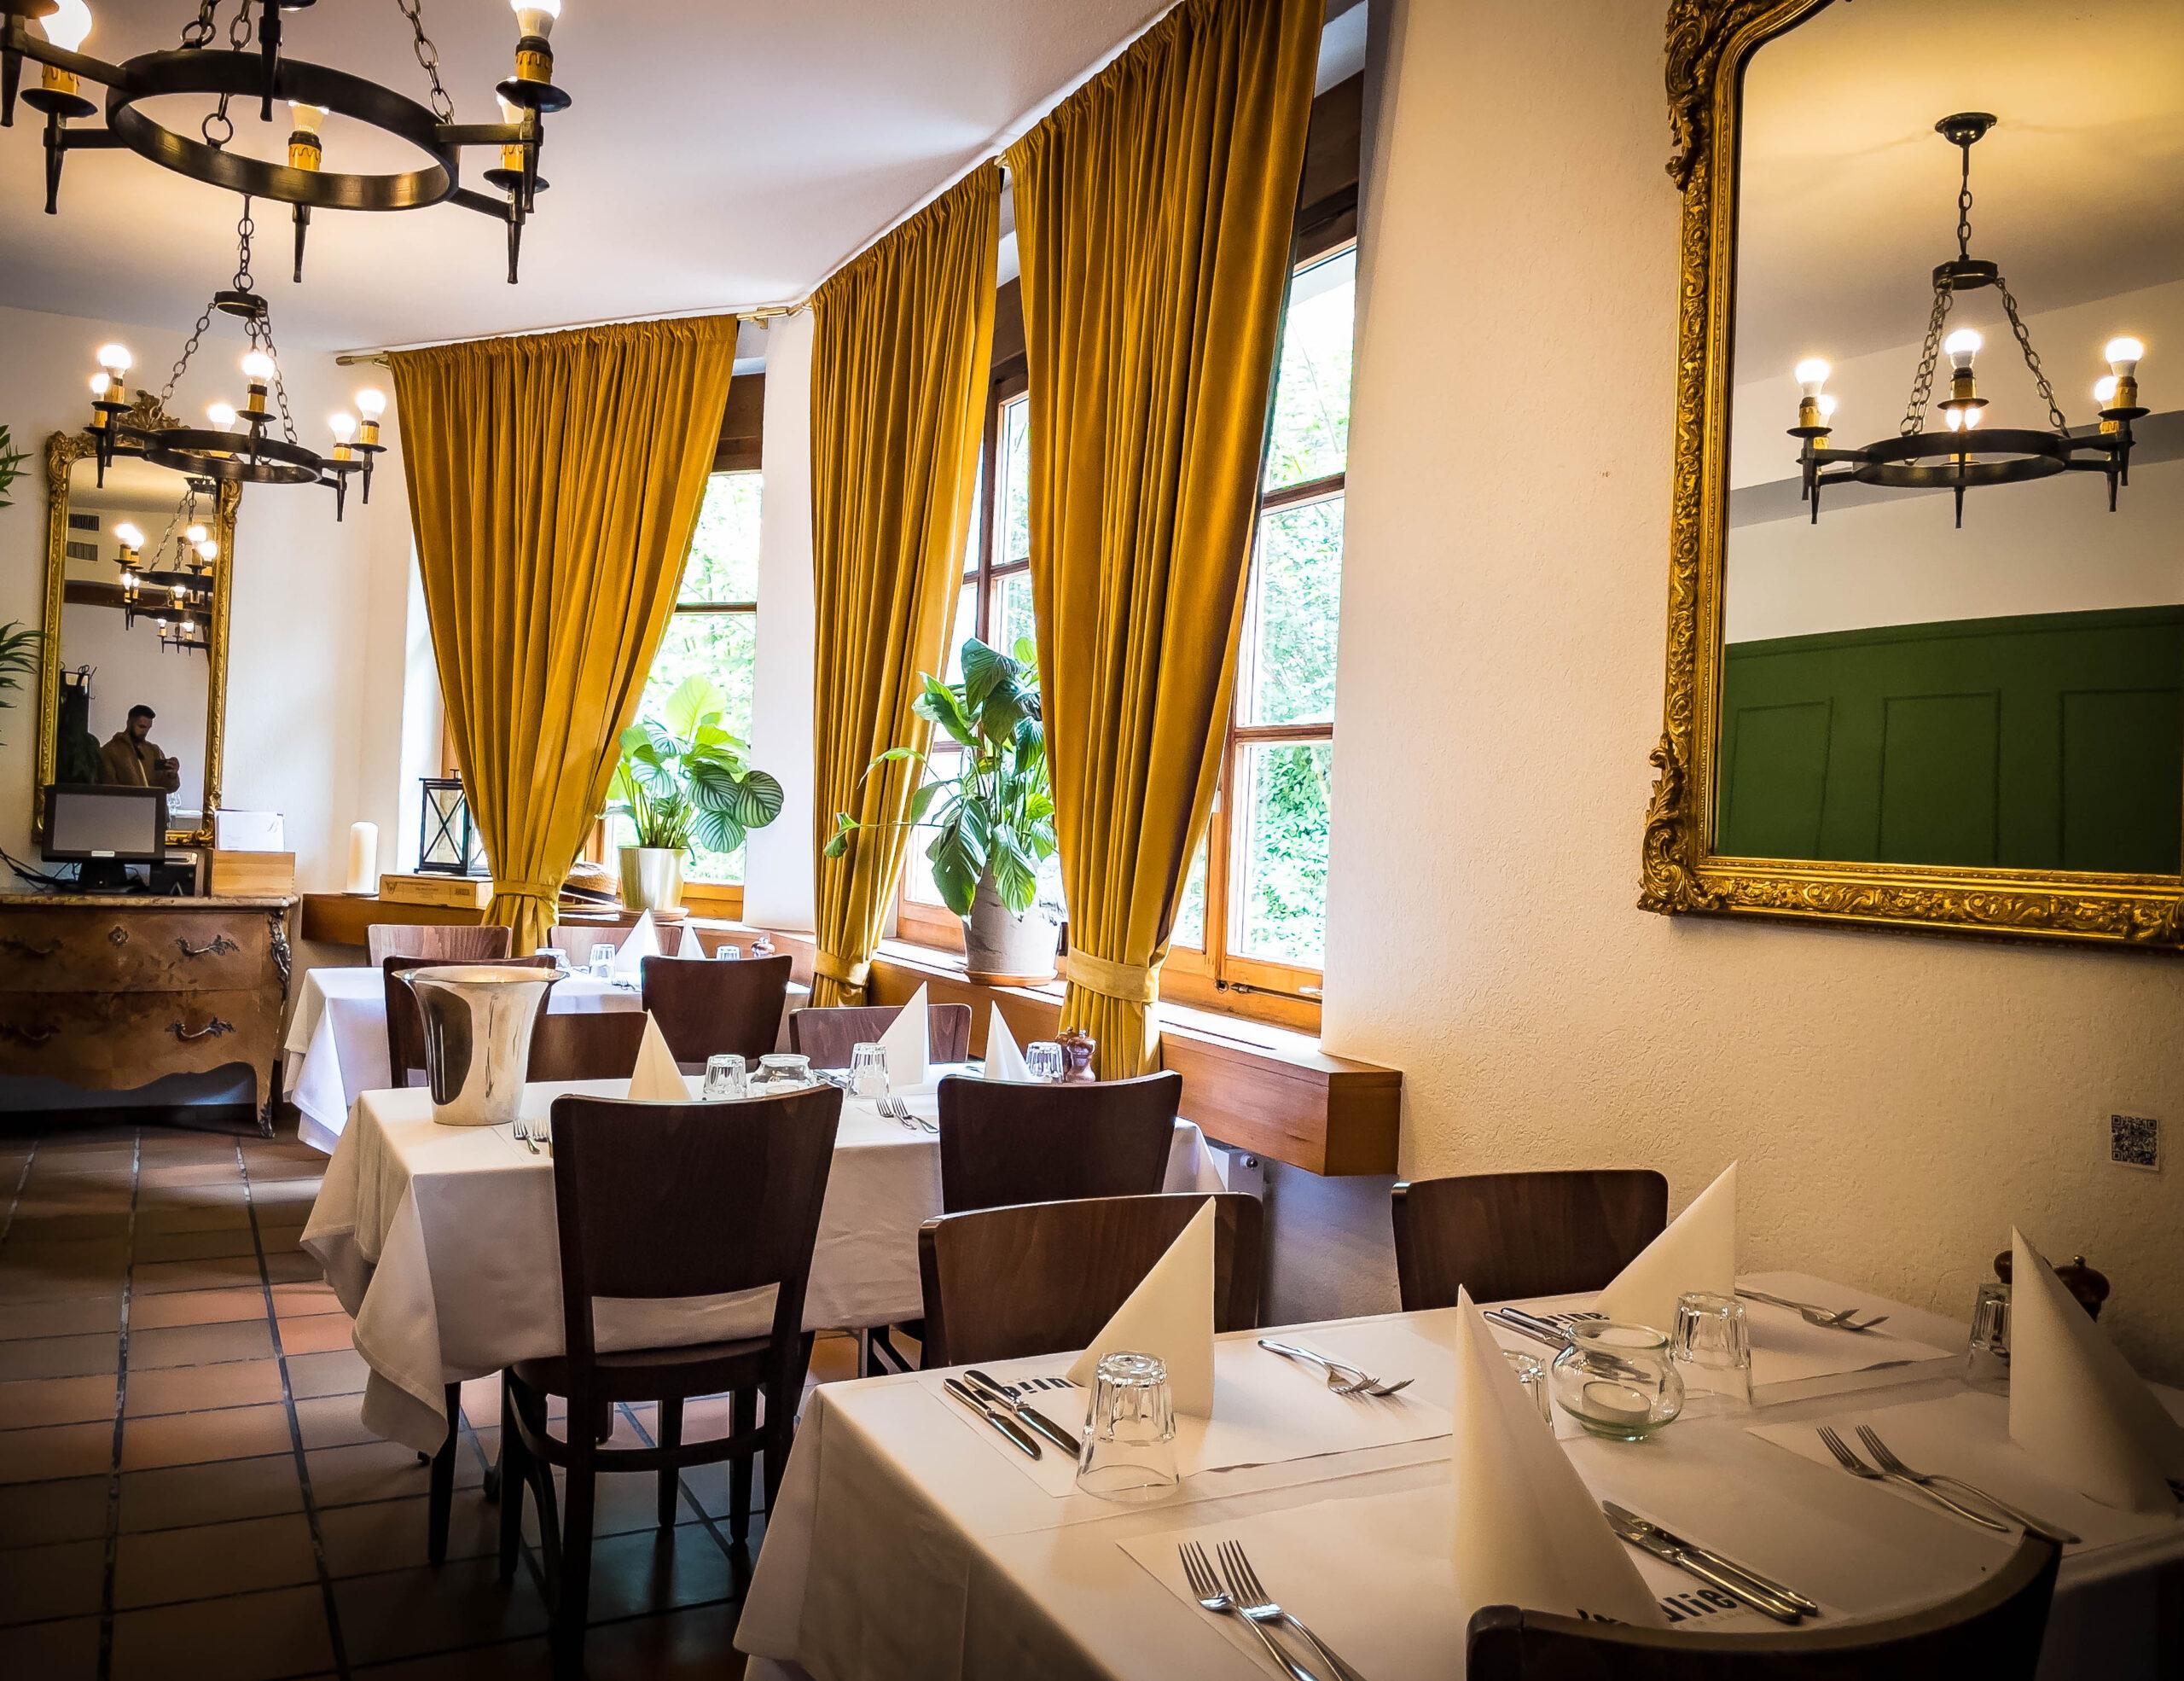 Erlachstrube Restaurant Beaulieu Bern